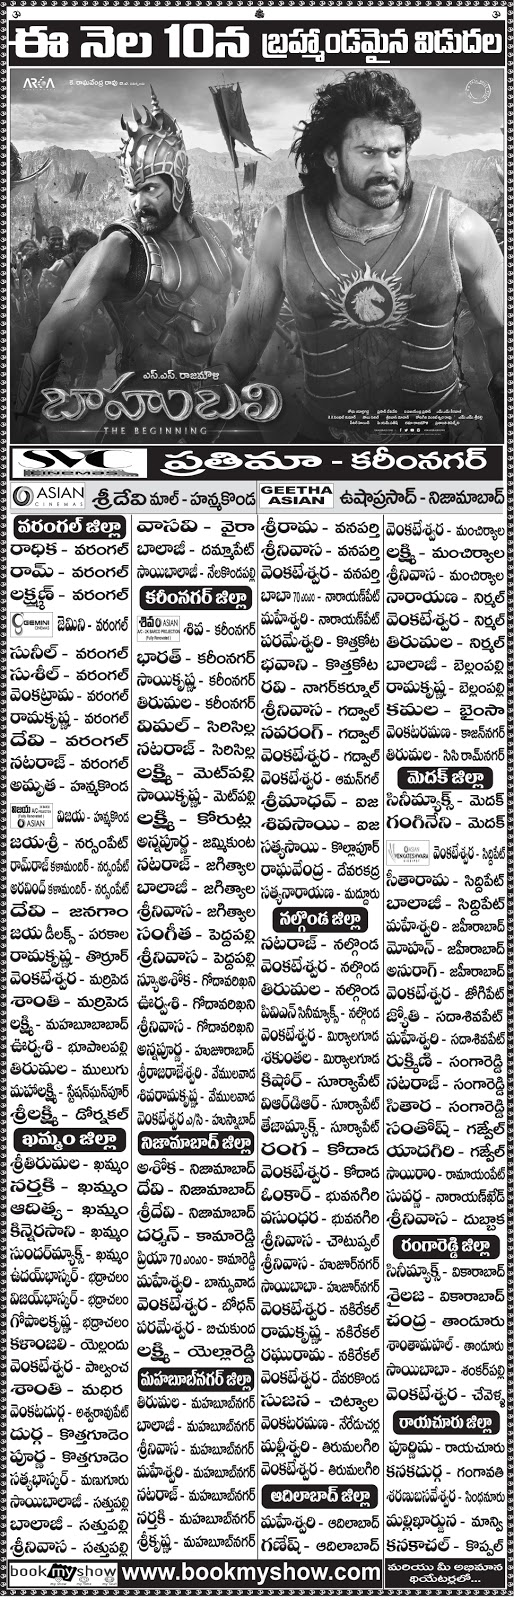 Baahubali Theaters List | Rajamouli | Prabhas | Anushka